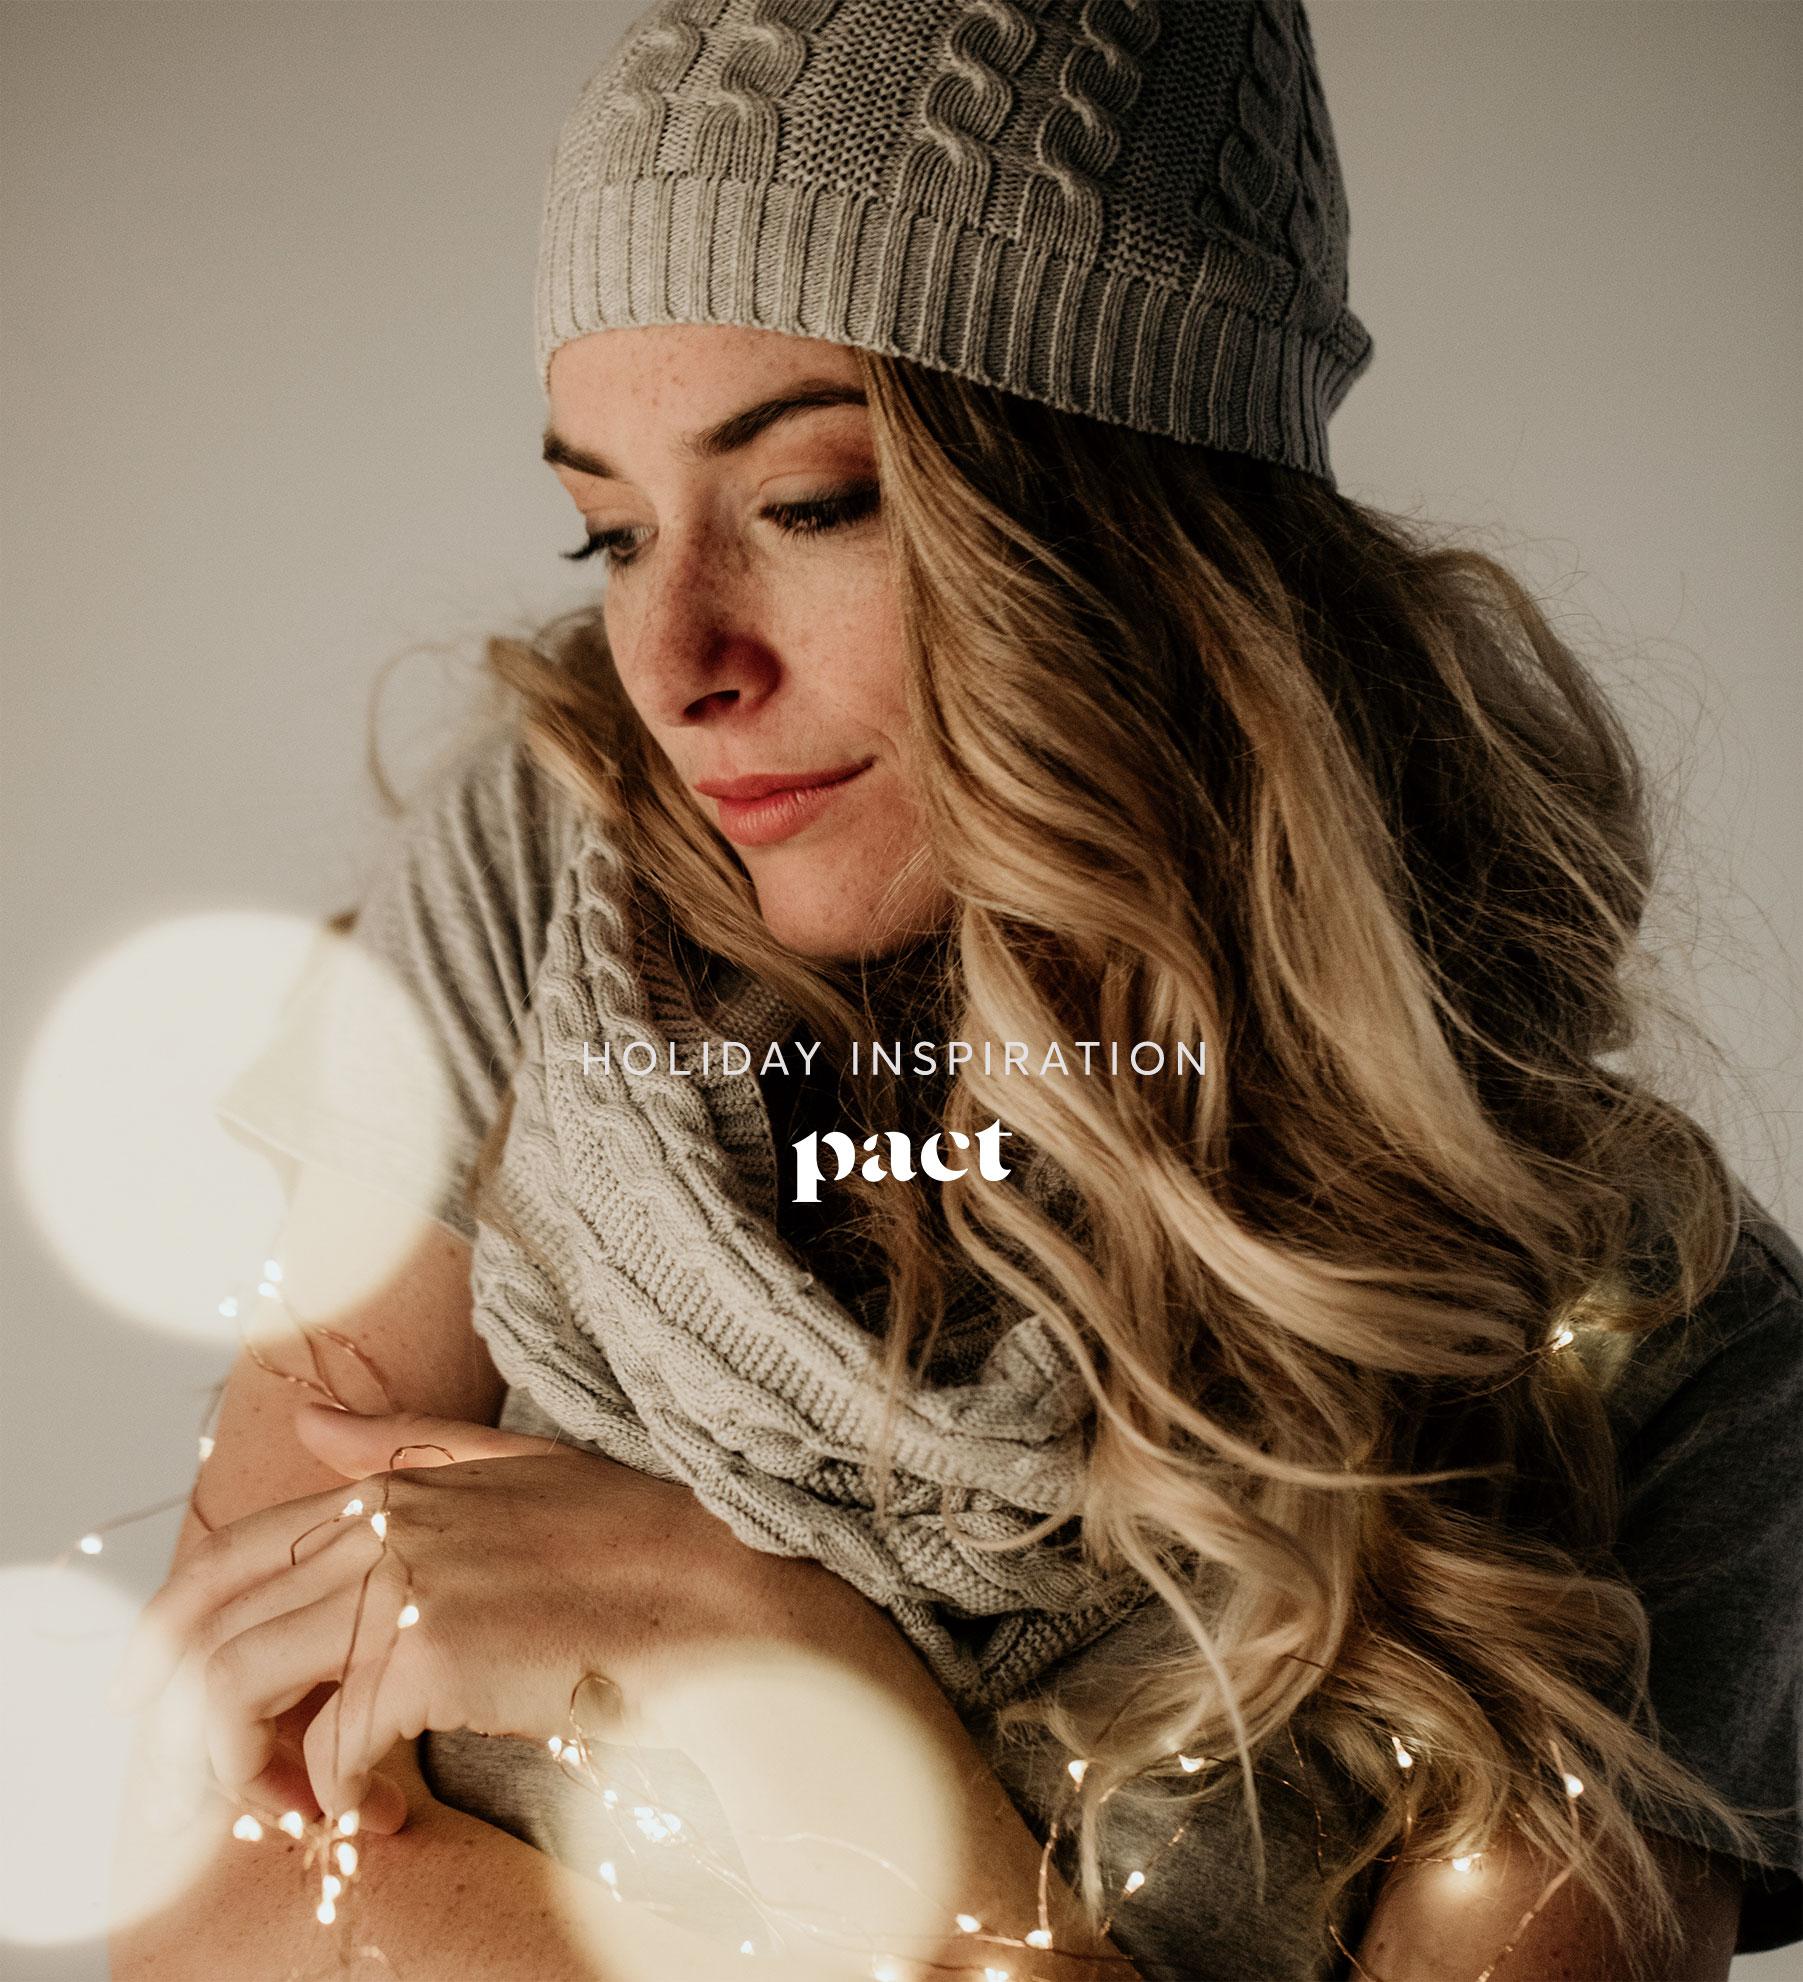 pact-hero-image01.jpg